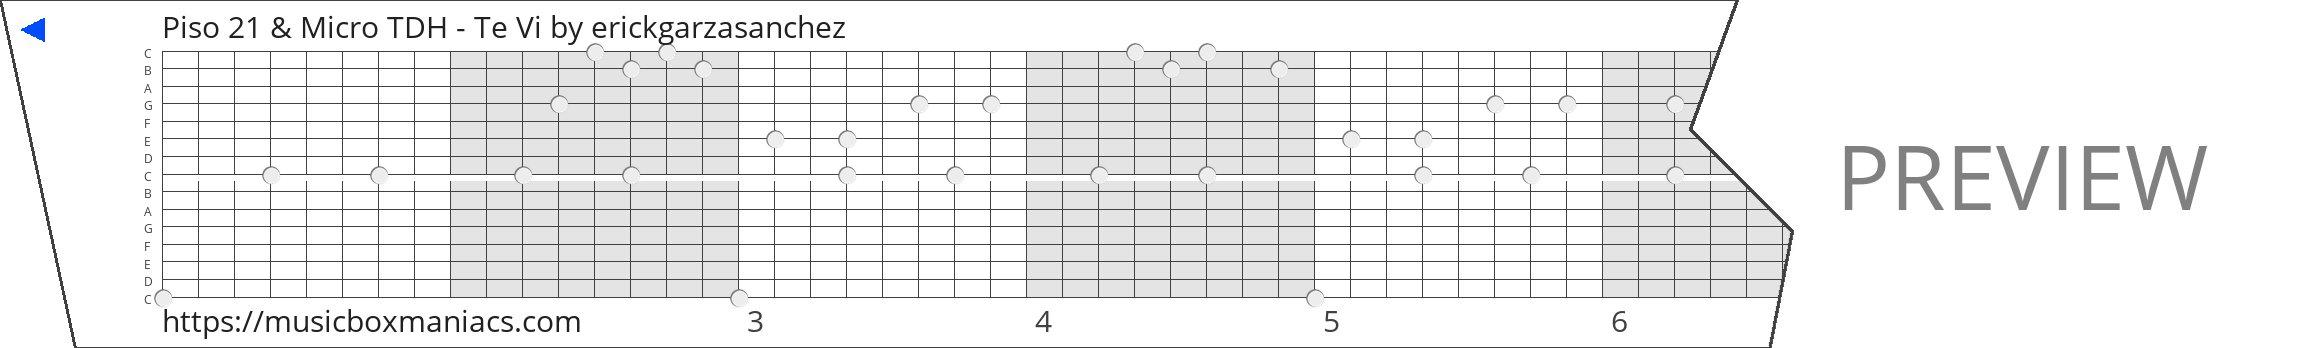 Piso 21 & Micro TDH - Te Vi 15 note music box paper strip